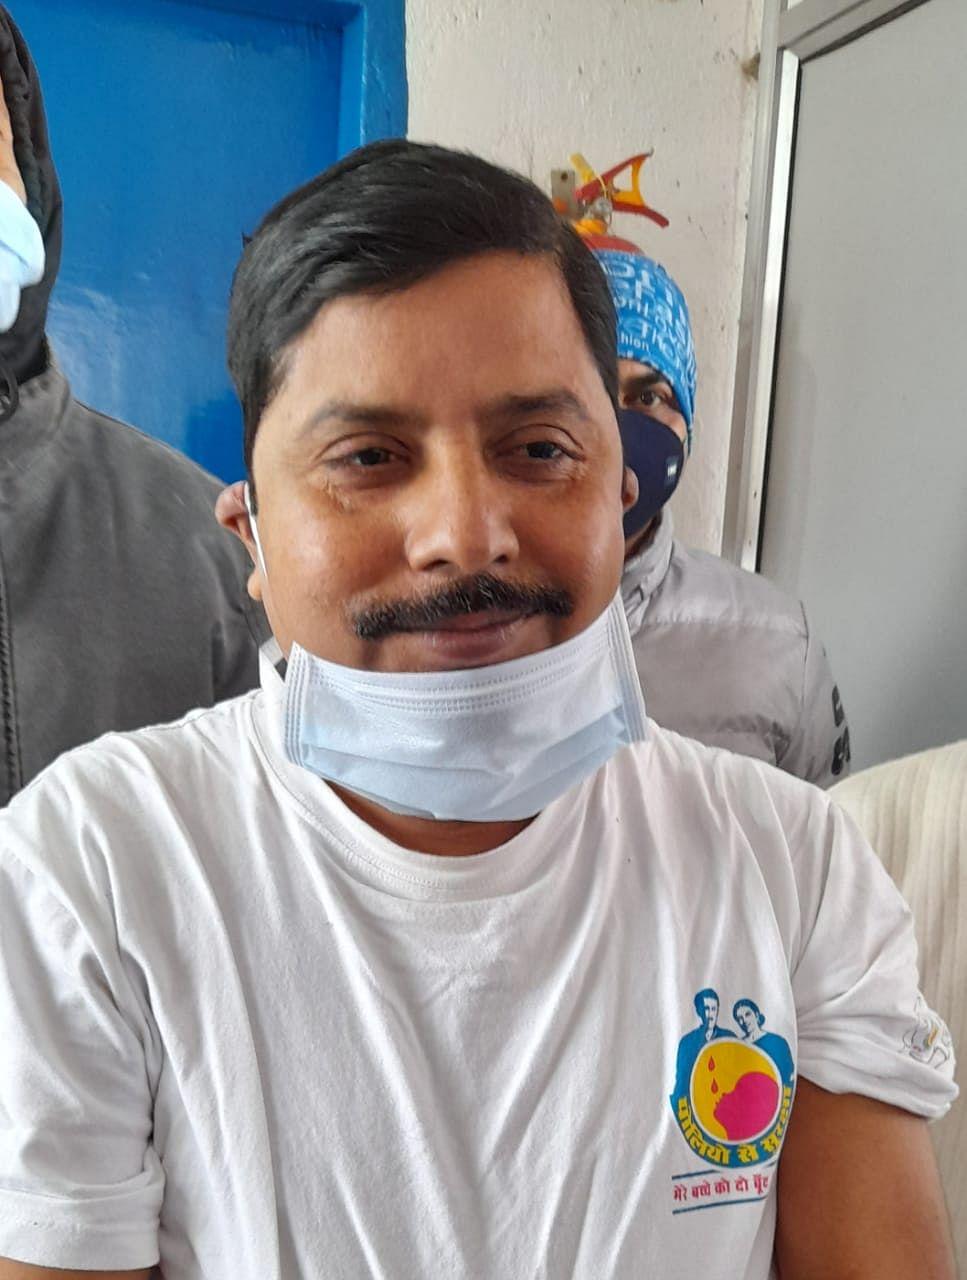 Corona Vaccine Bihar: पूरे बिहार में शुरू हुआ कोरोना वैक्सीन टीकाकरण, जानें फीडबैक